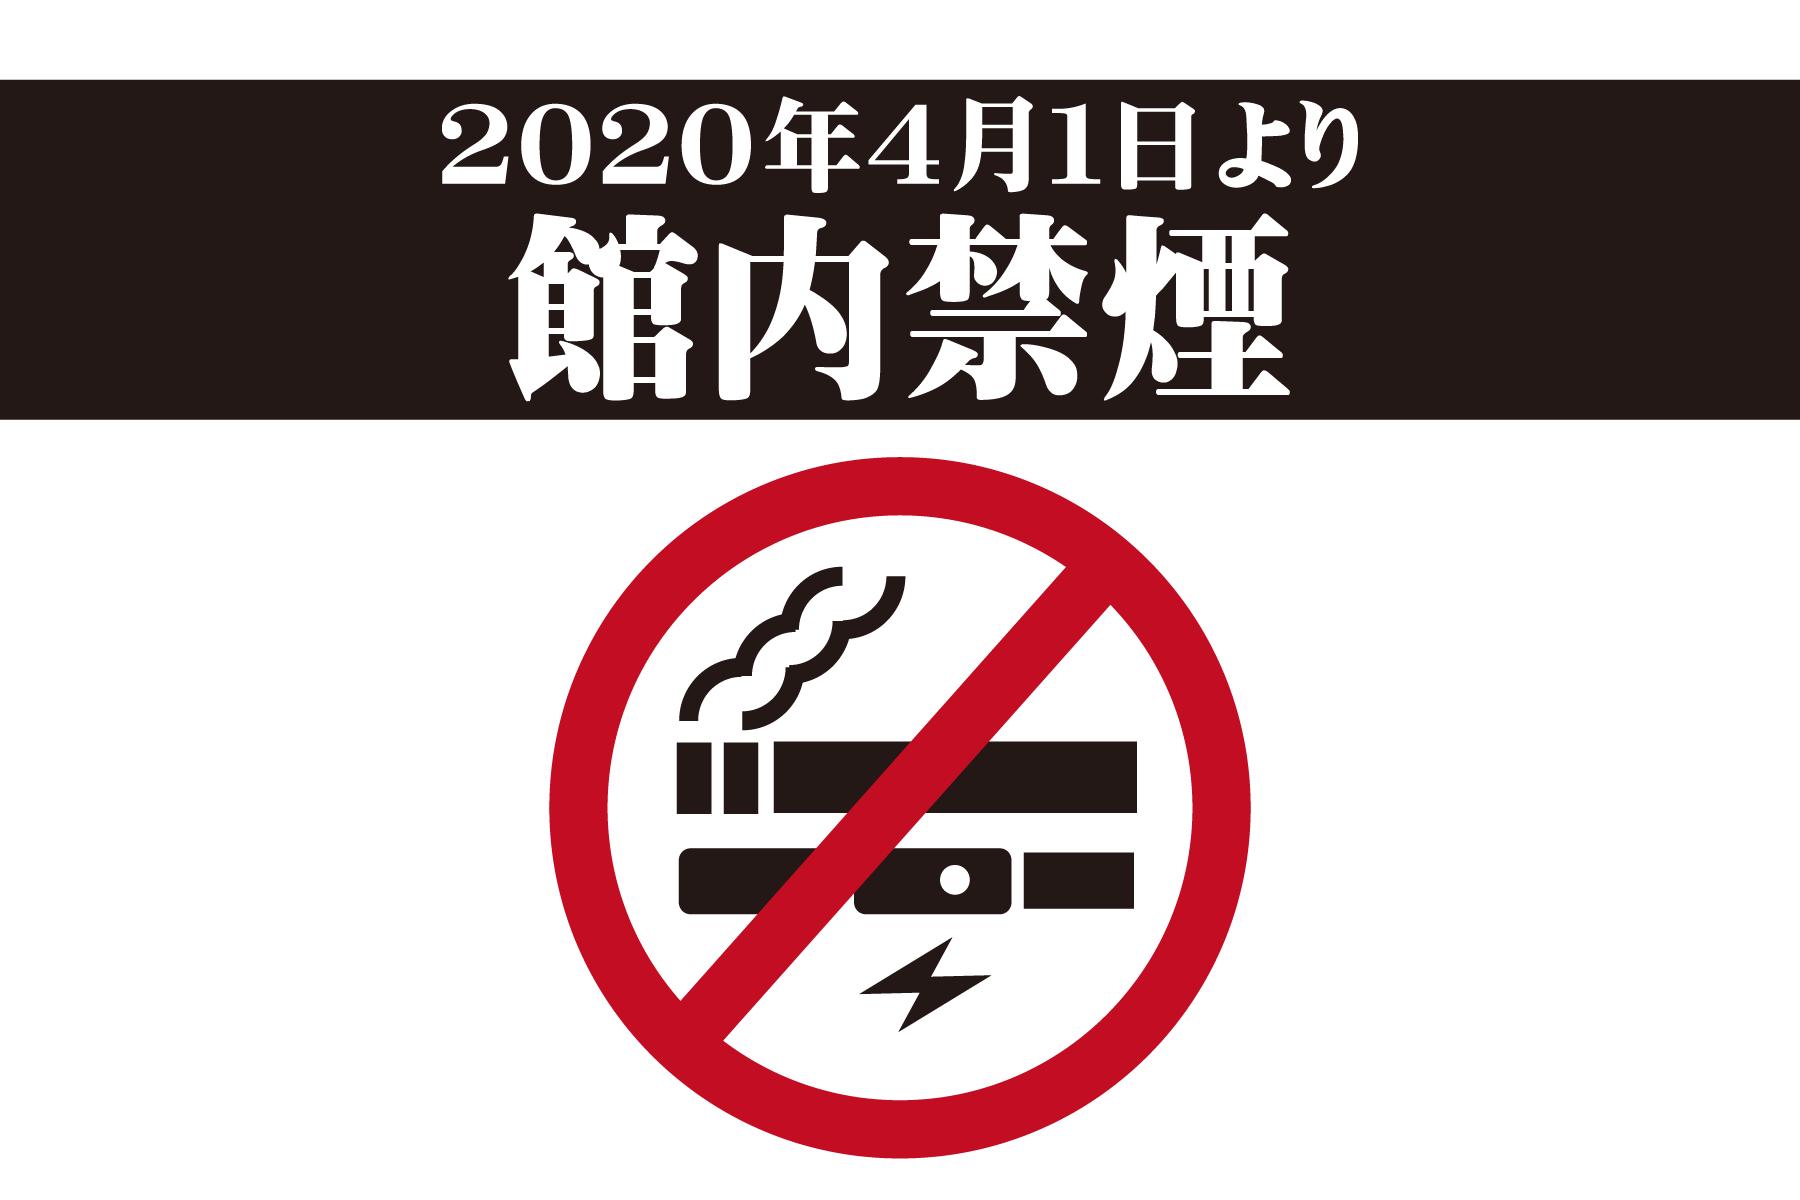 特集 | 館内禁煙のお知らせ